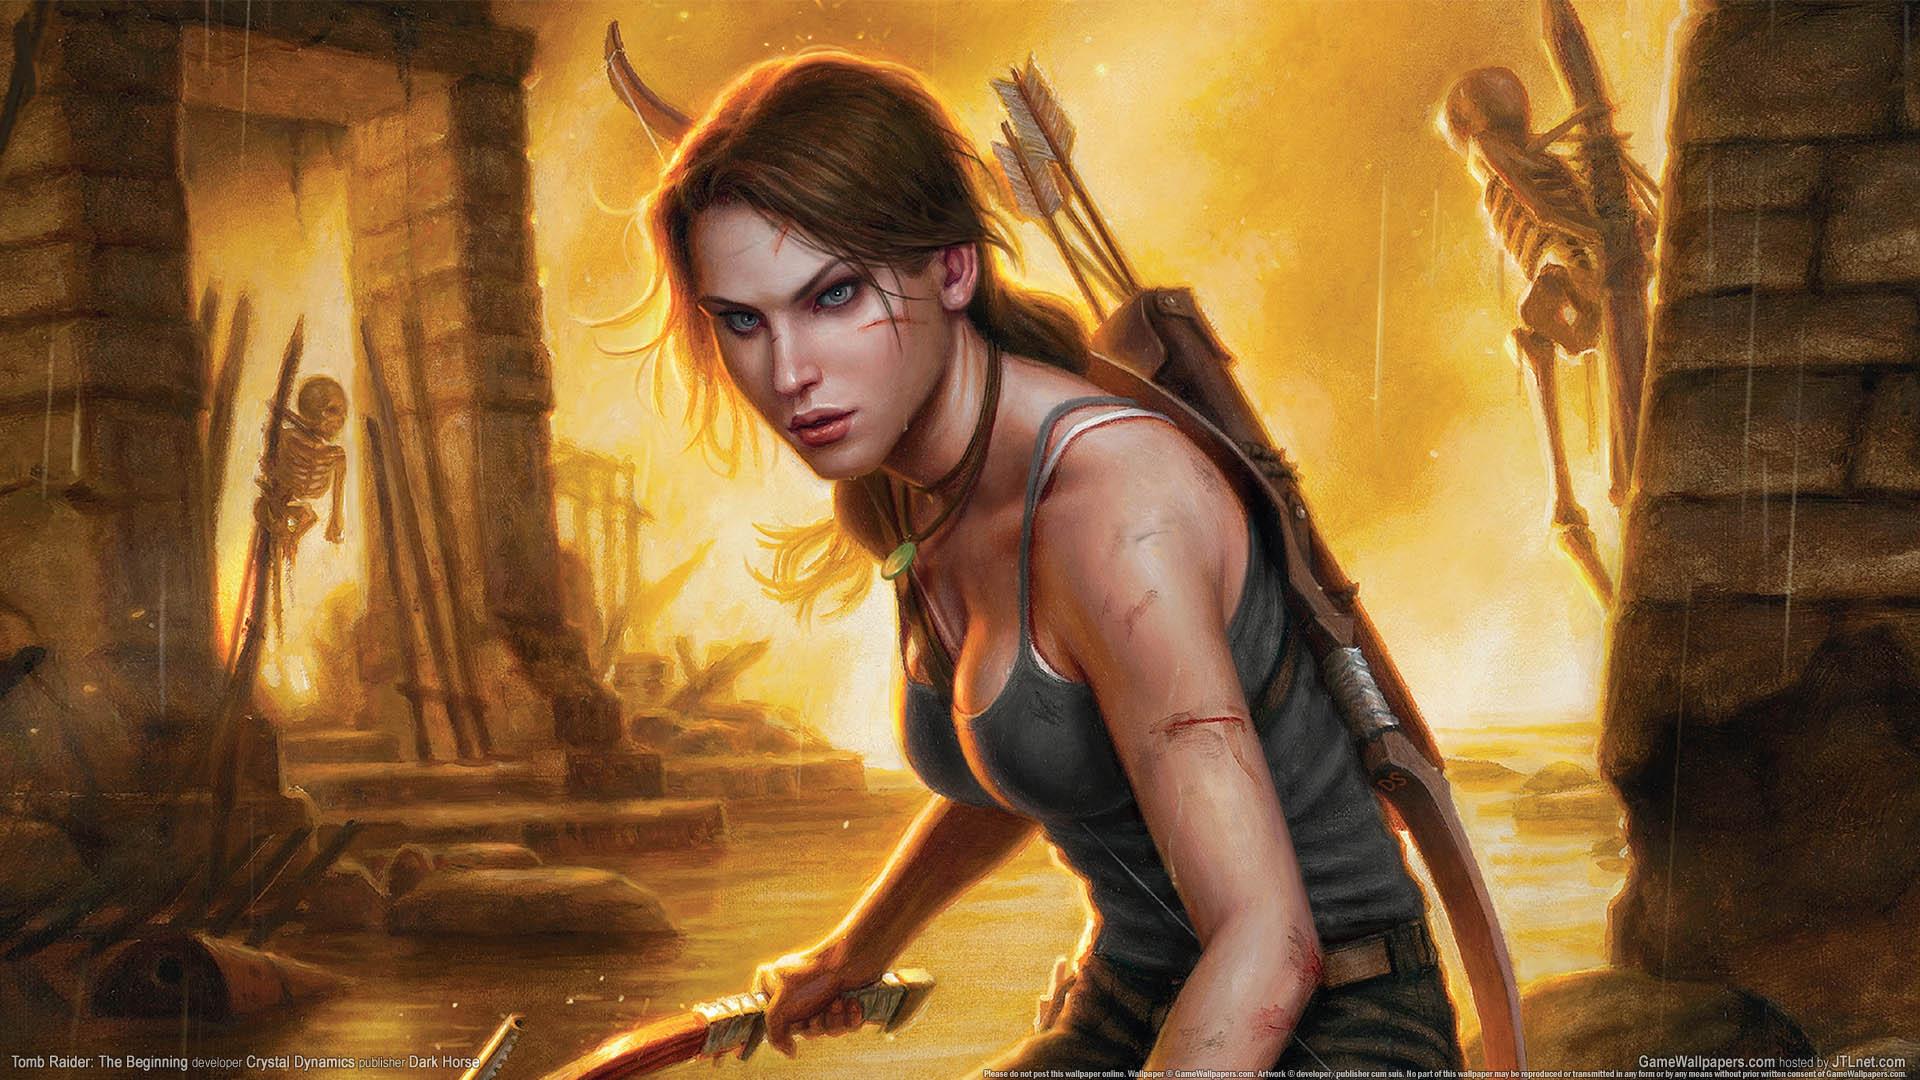 Tomb Raider: The Beginning achtergrond 02 1920x1080